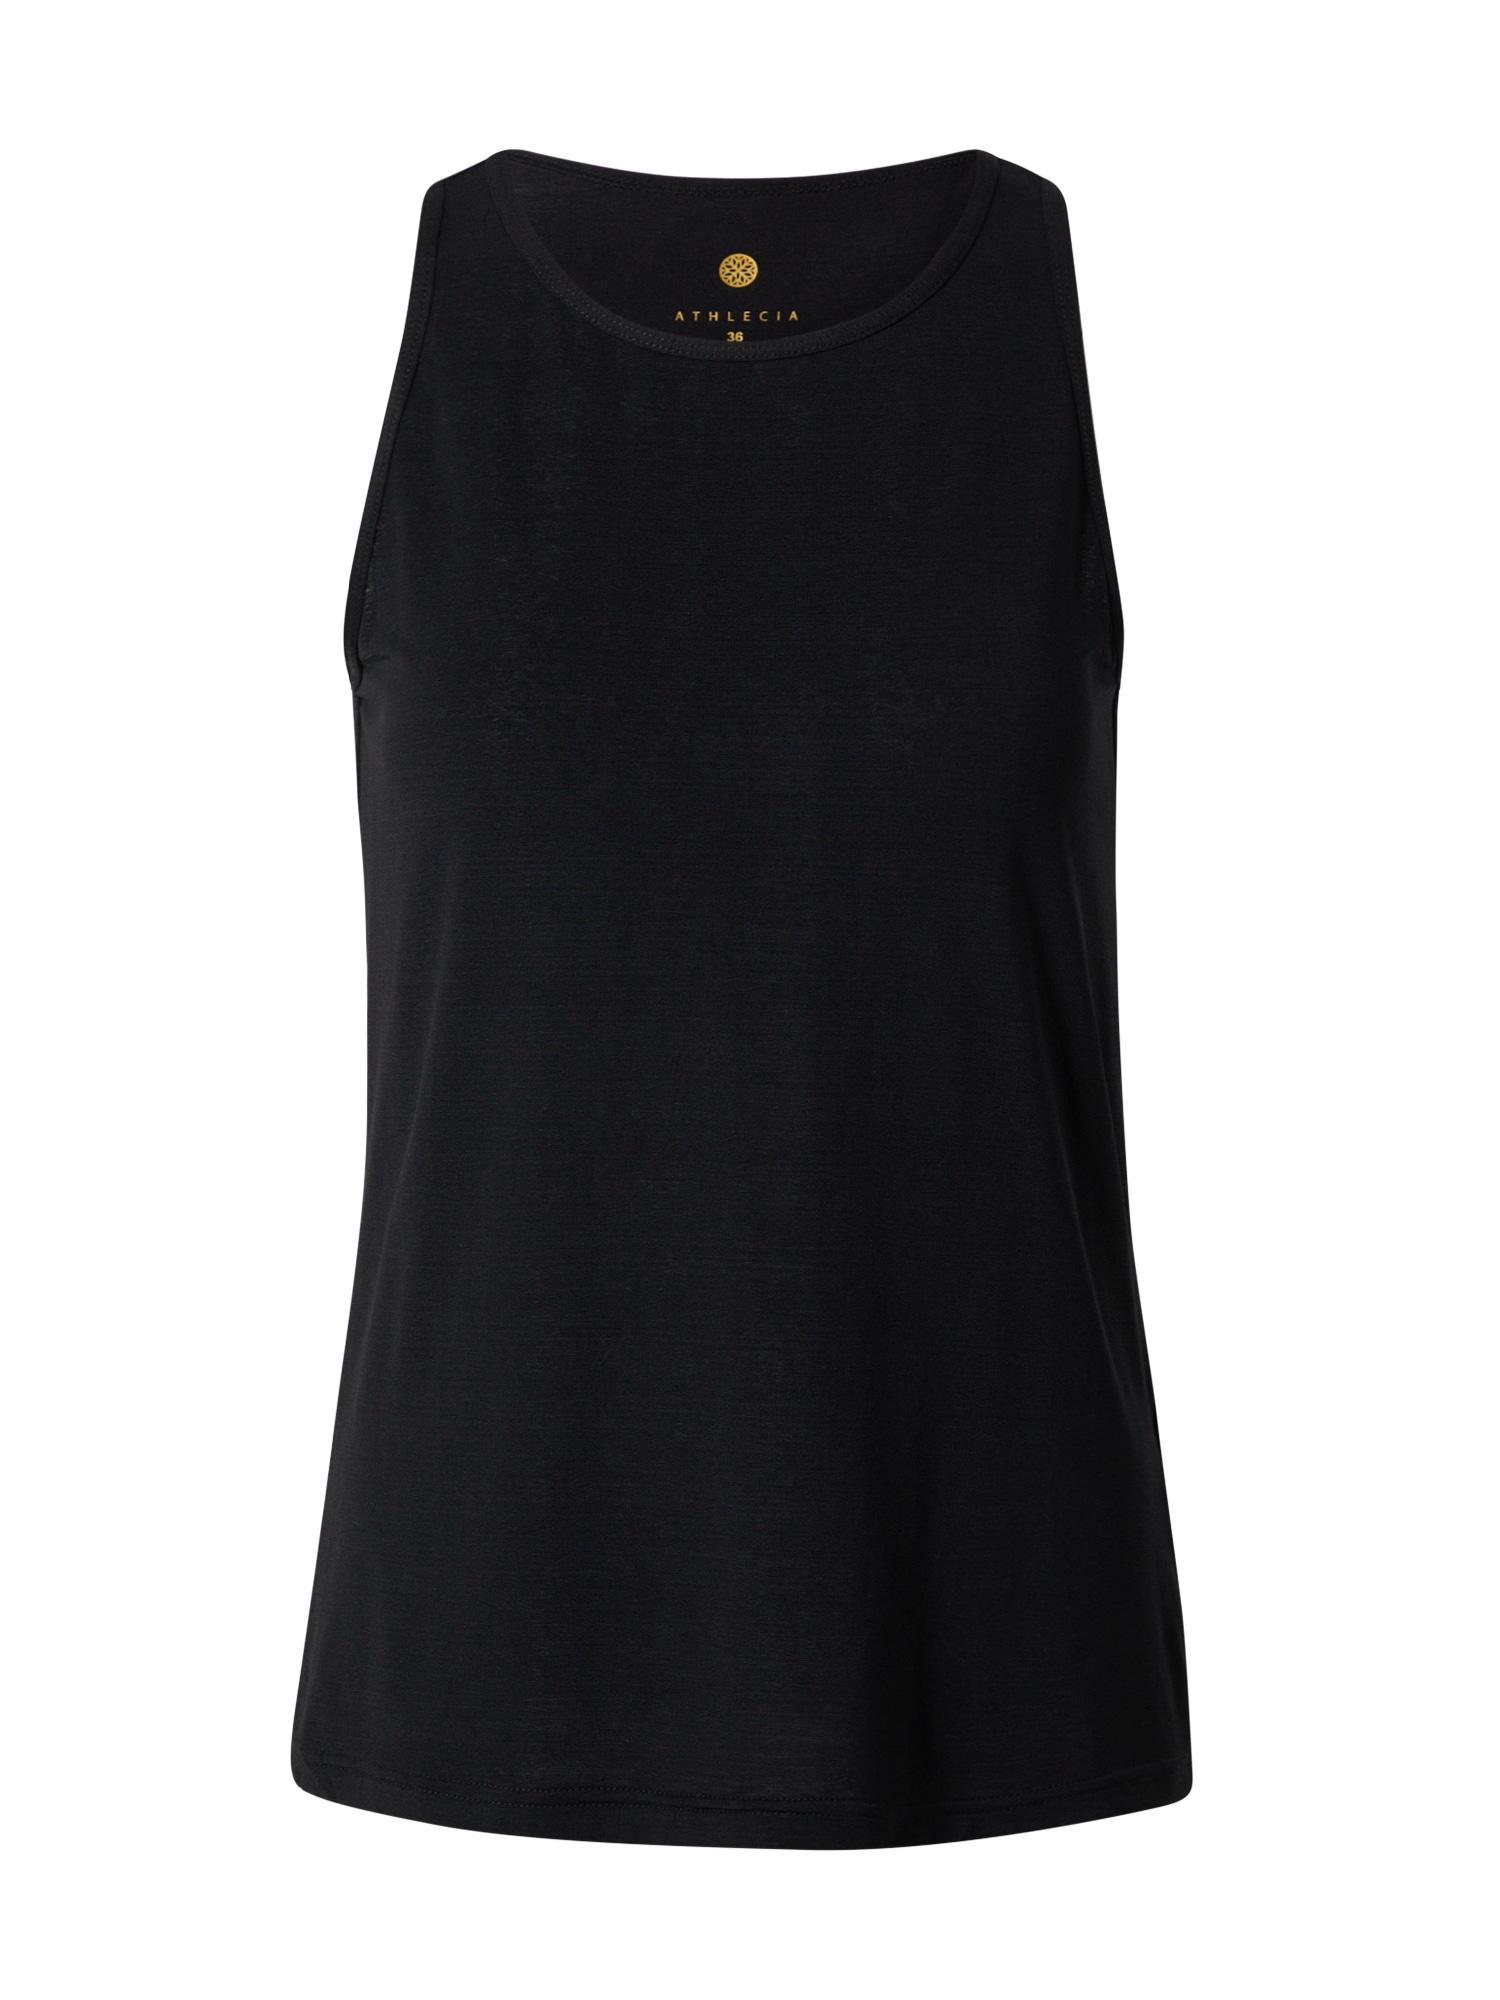 Athlecia Sportiniai marškinėliai be rankovių margai juoda